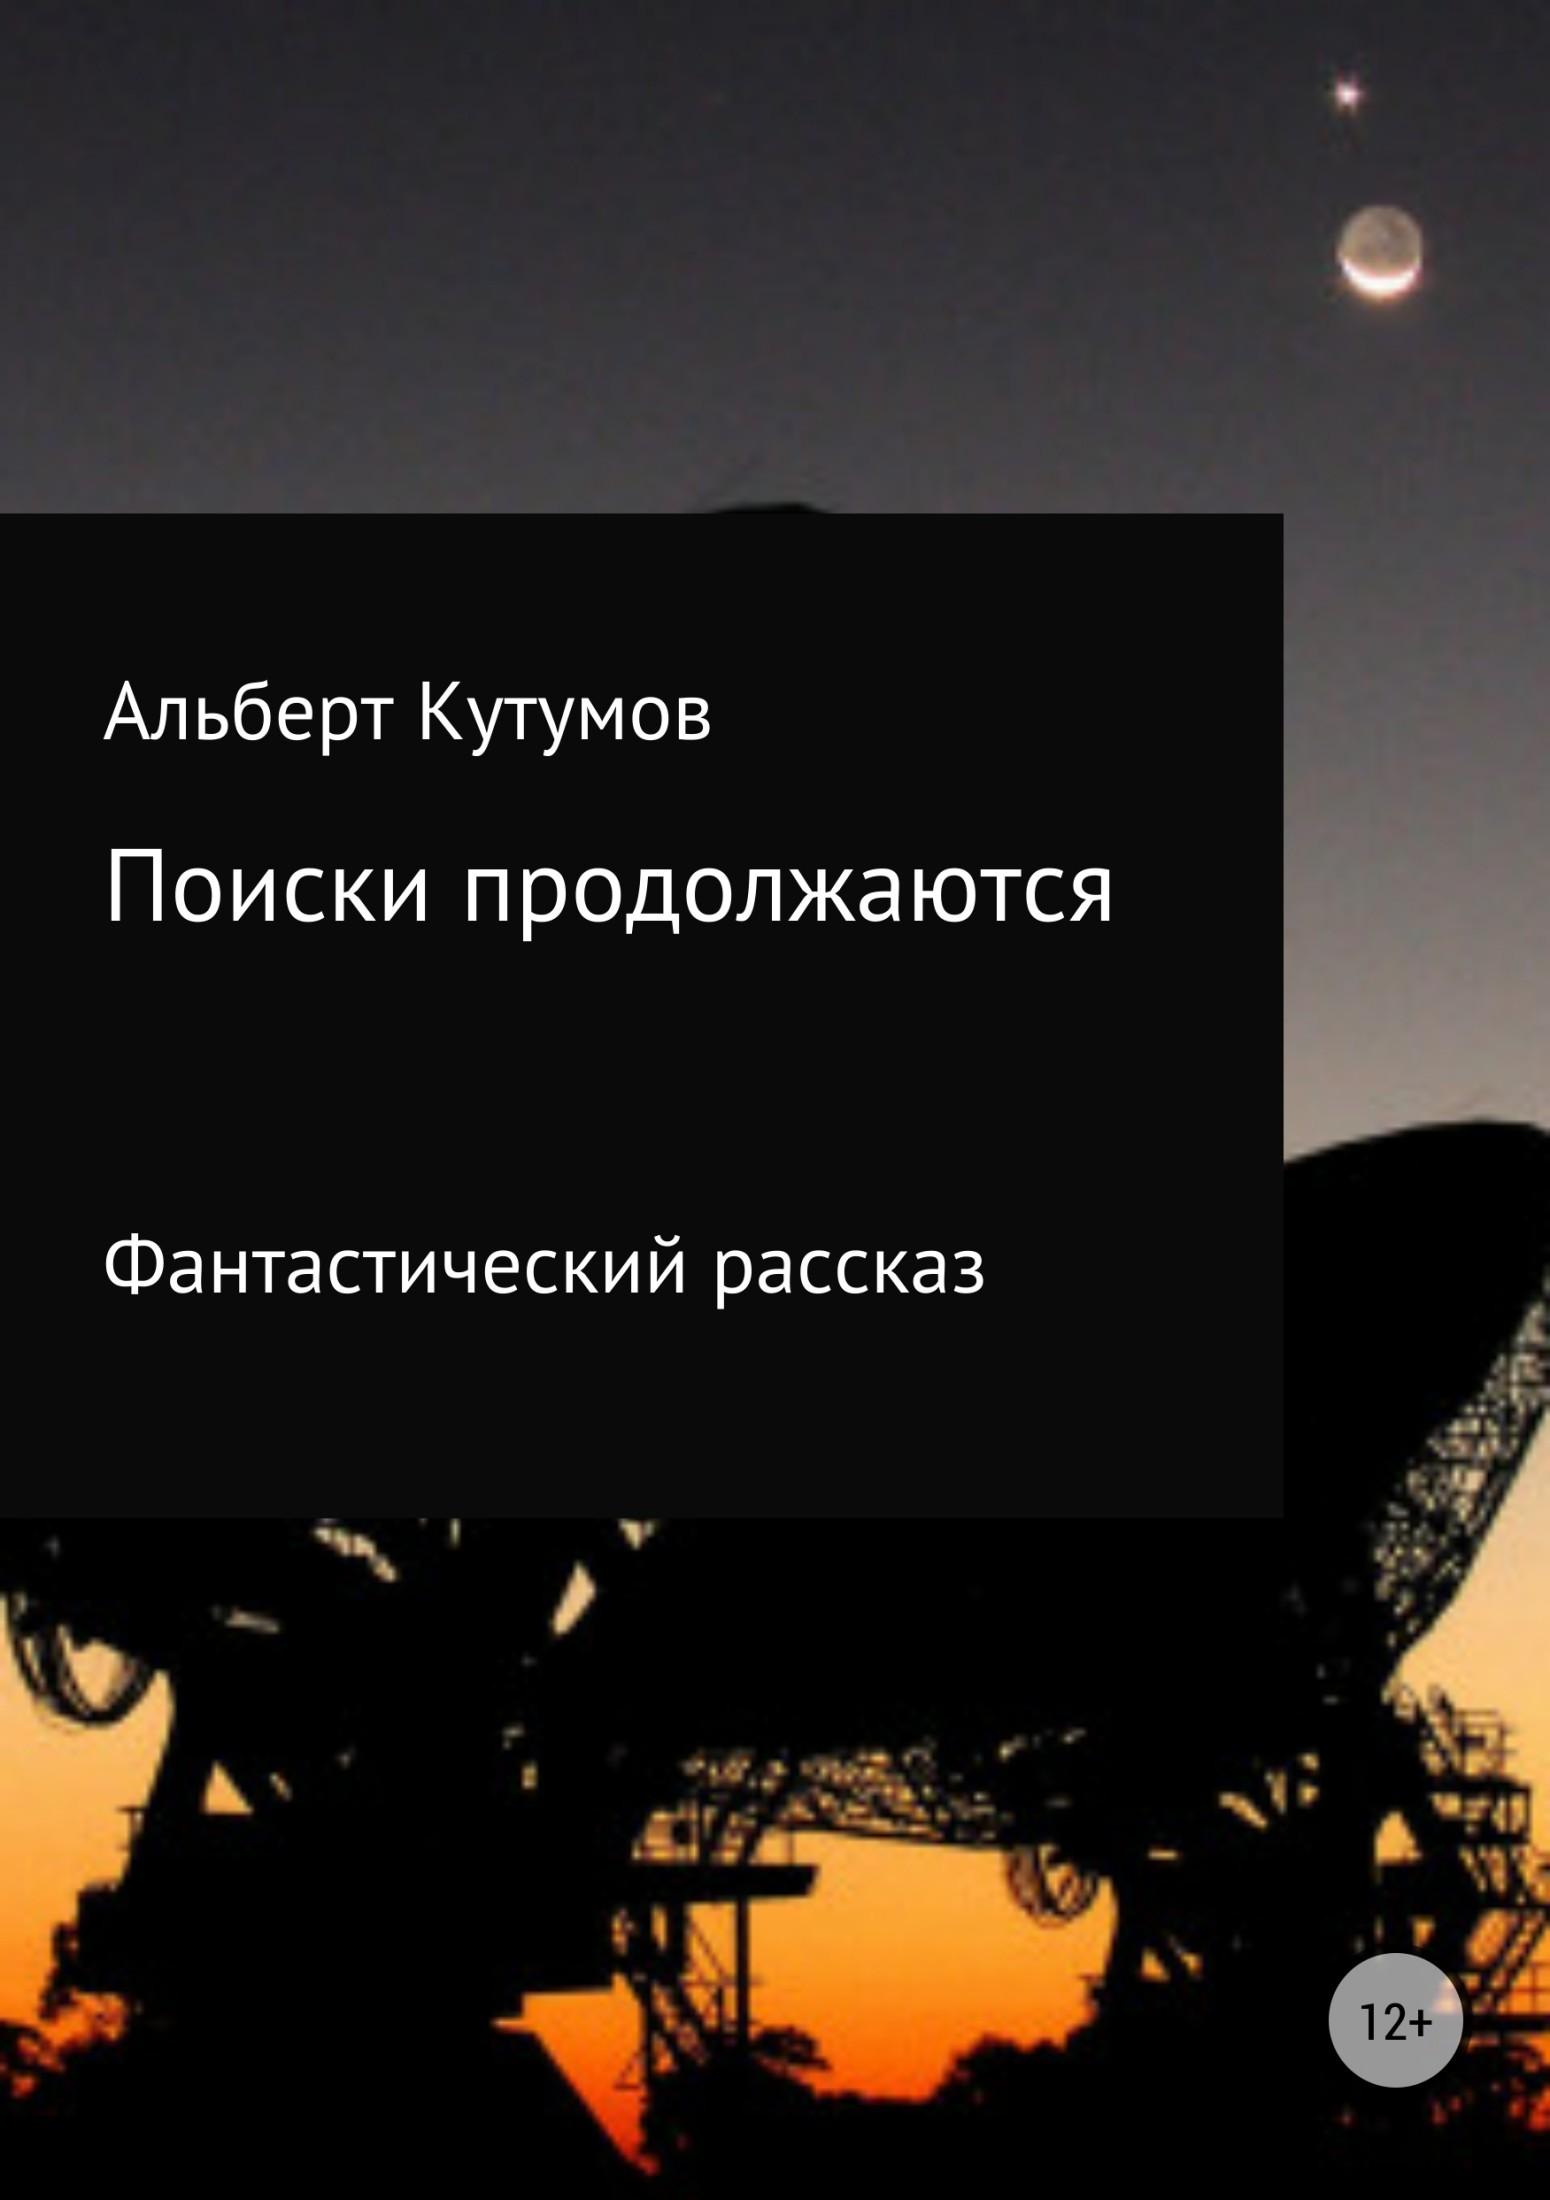 Альберт Тимурович Кутумов Поиски продолжаются